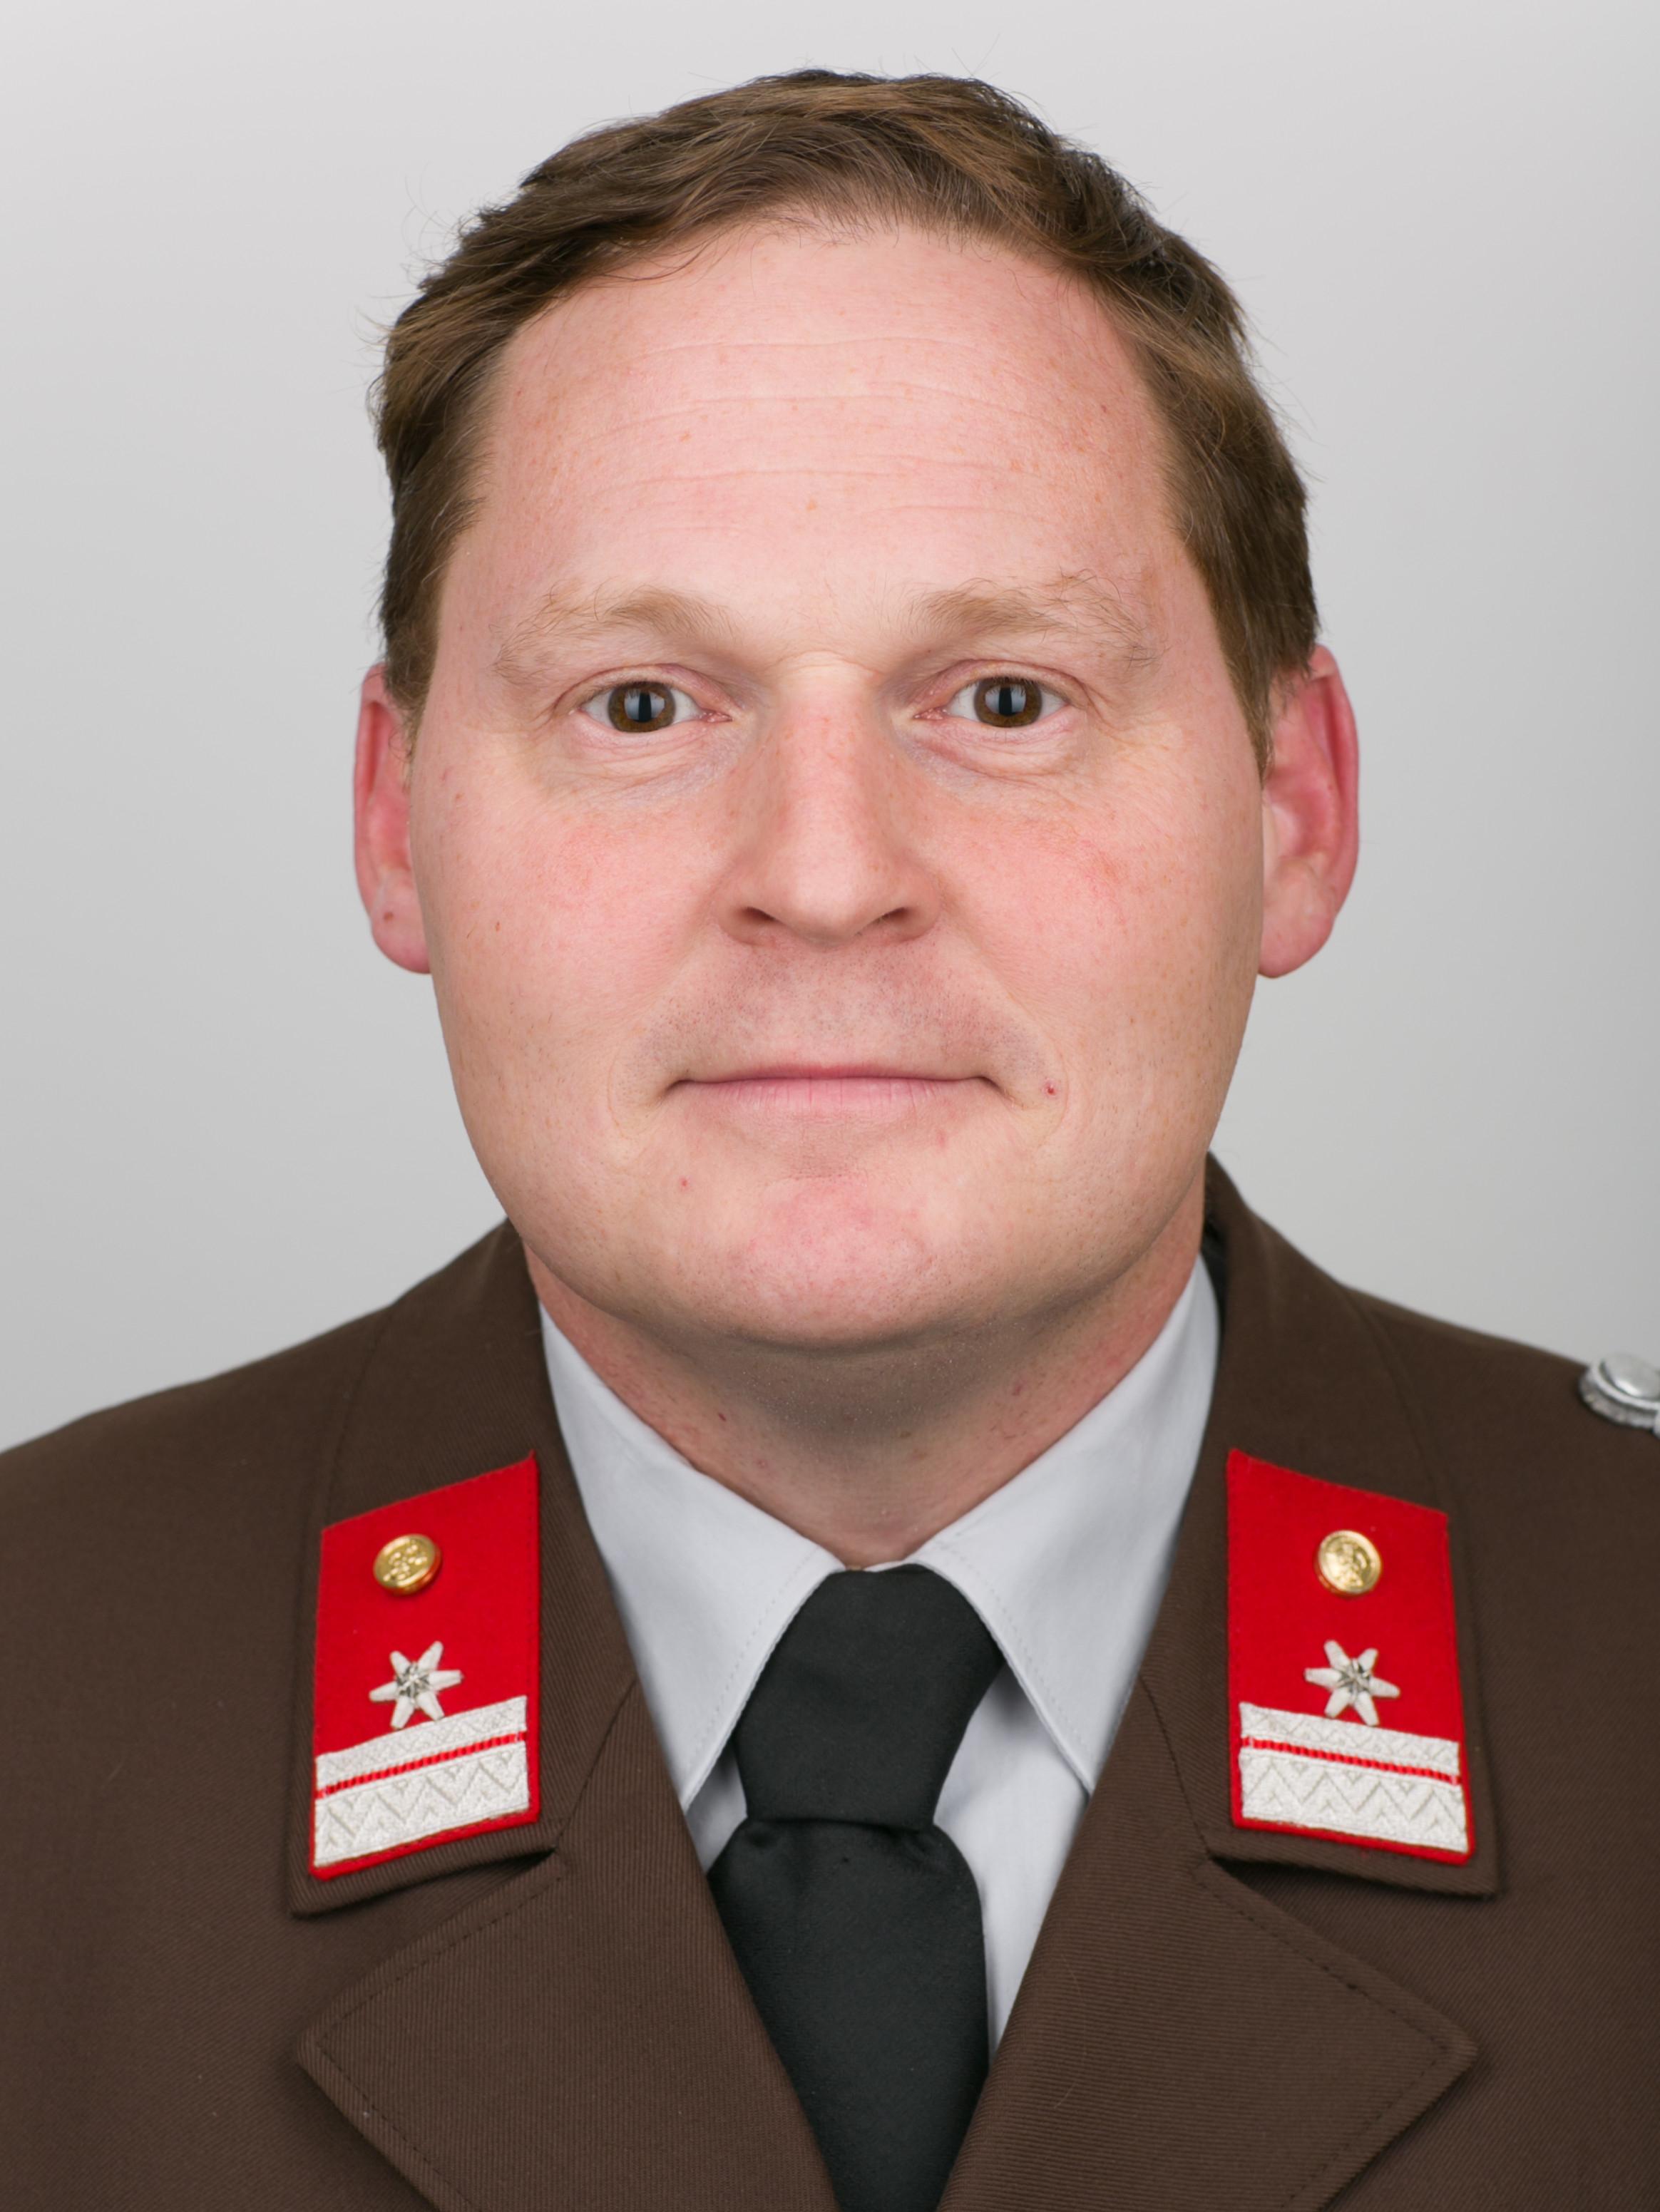 Markus Herber